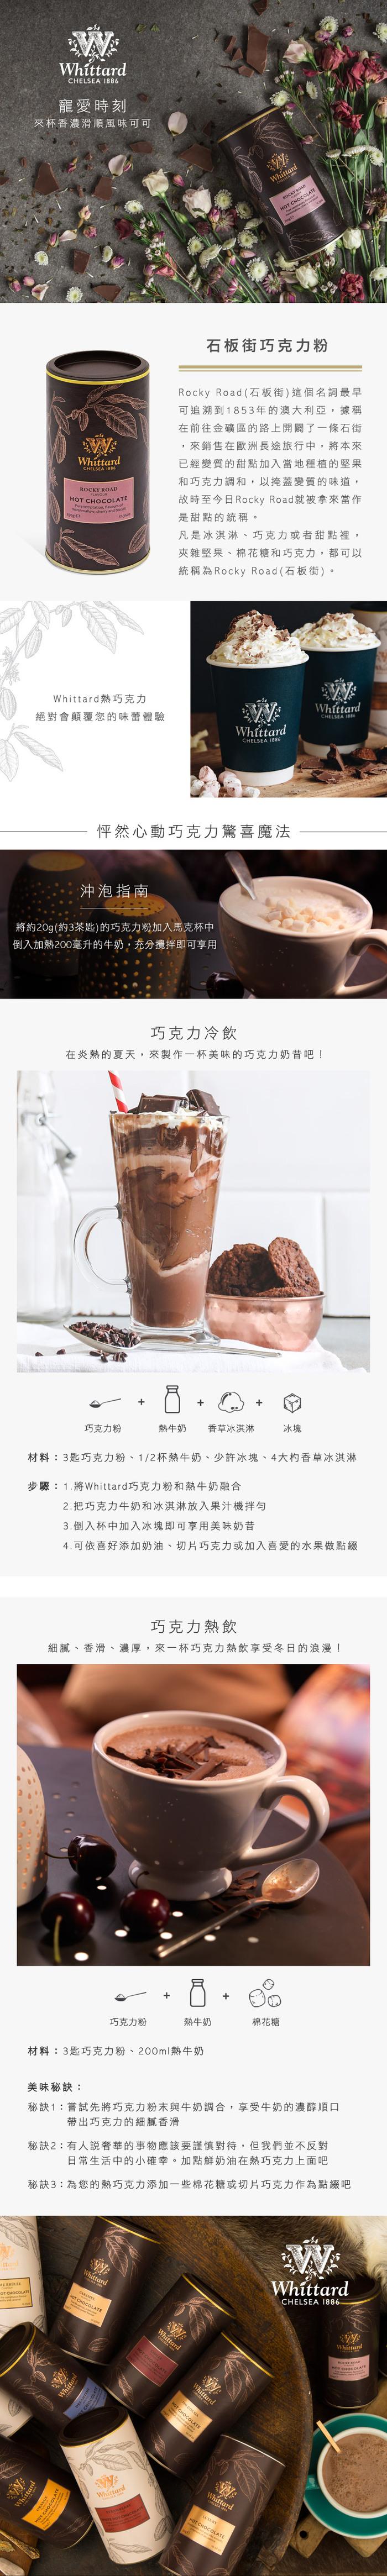 (複製)Whittard | 香蕉太妃派白巧克力粉